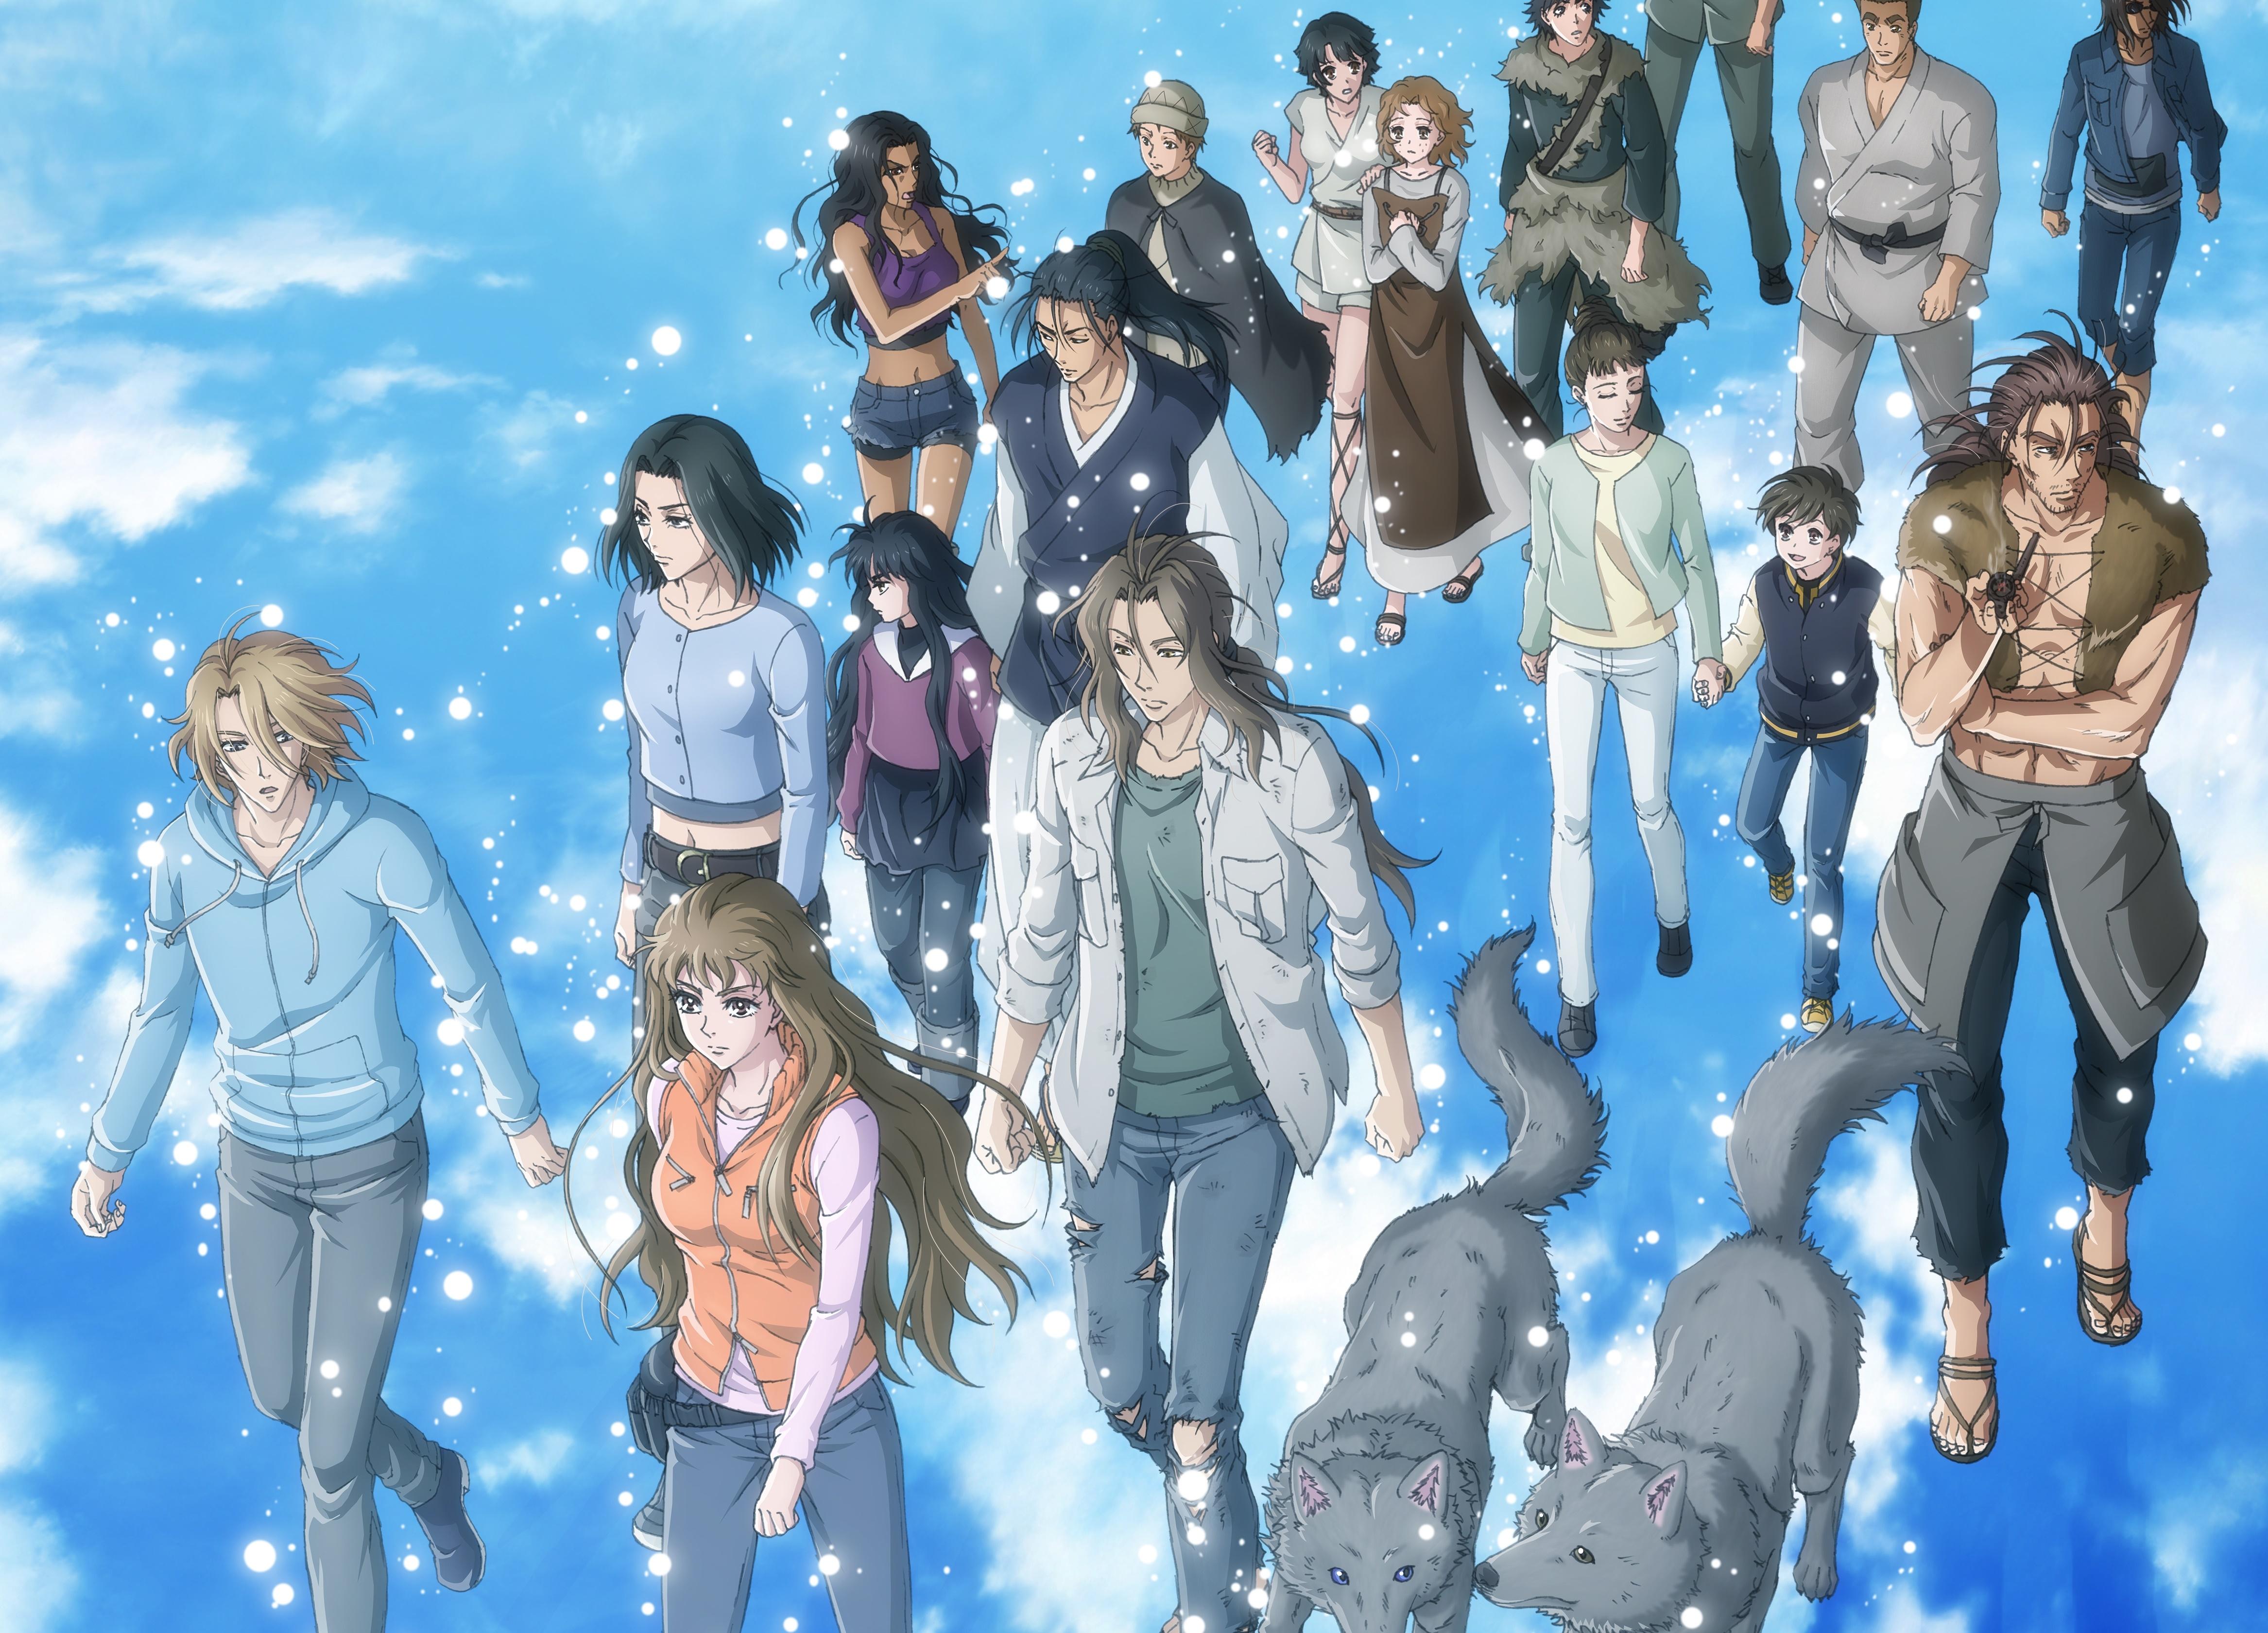 NETFLIXアニメ『7SEEDS』第2期制作&第1期TV放送決定